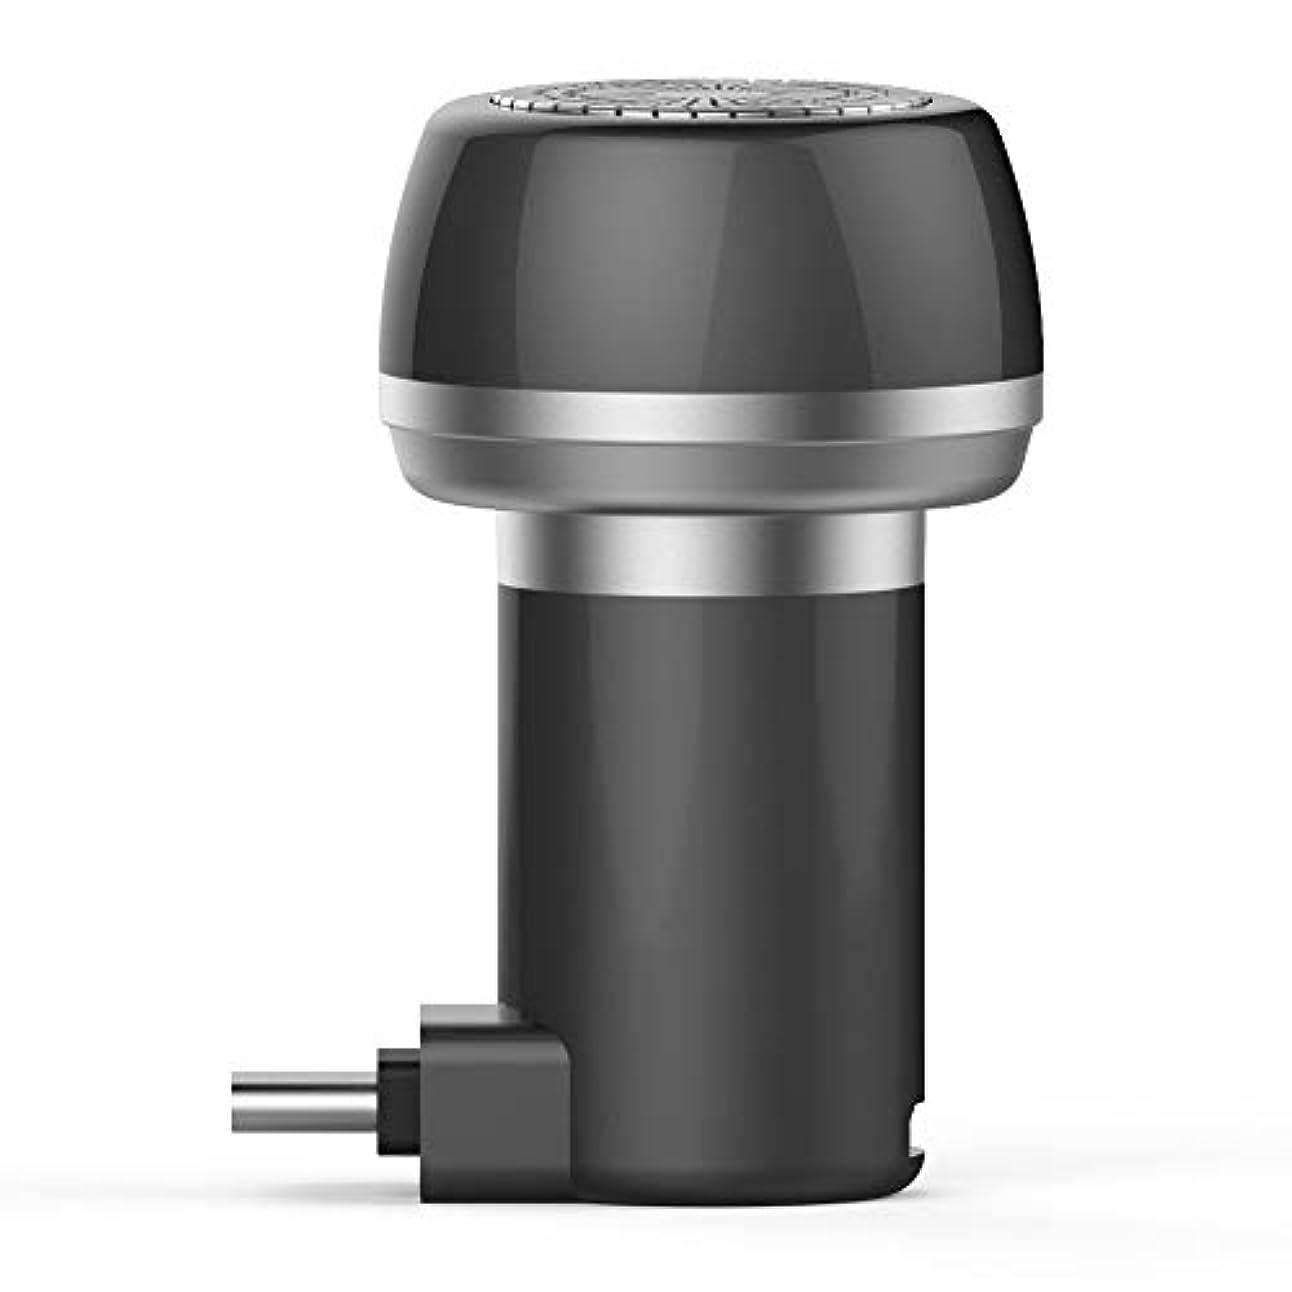 茎オートエンジニアリングFuntoget 2 1磁気電気シェーバーミニポータブルType-C USB防水剃刀